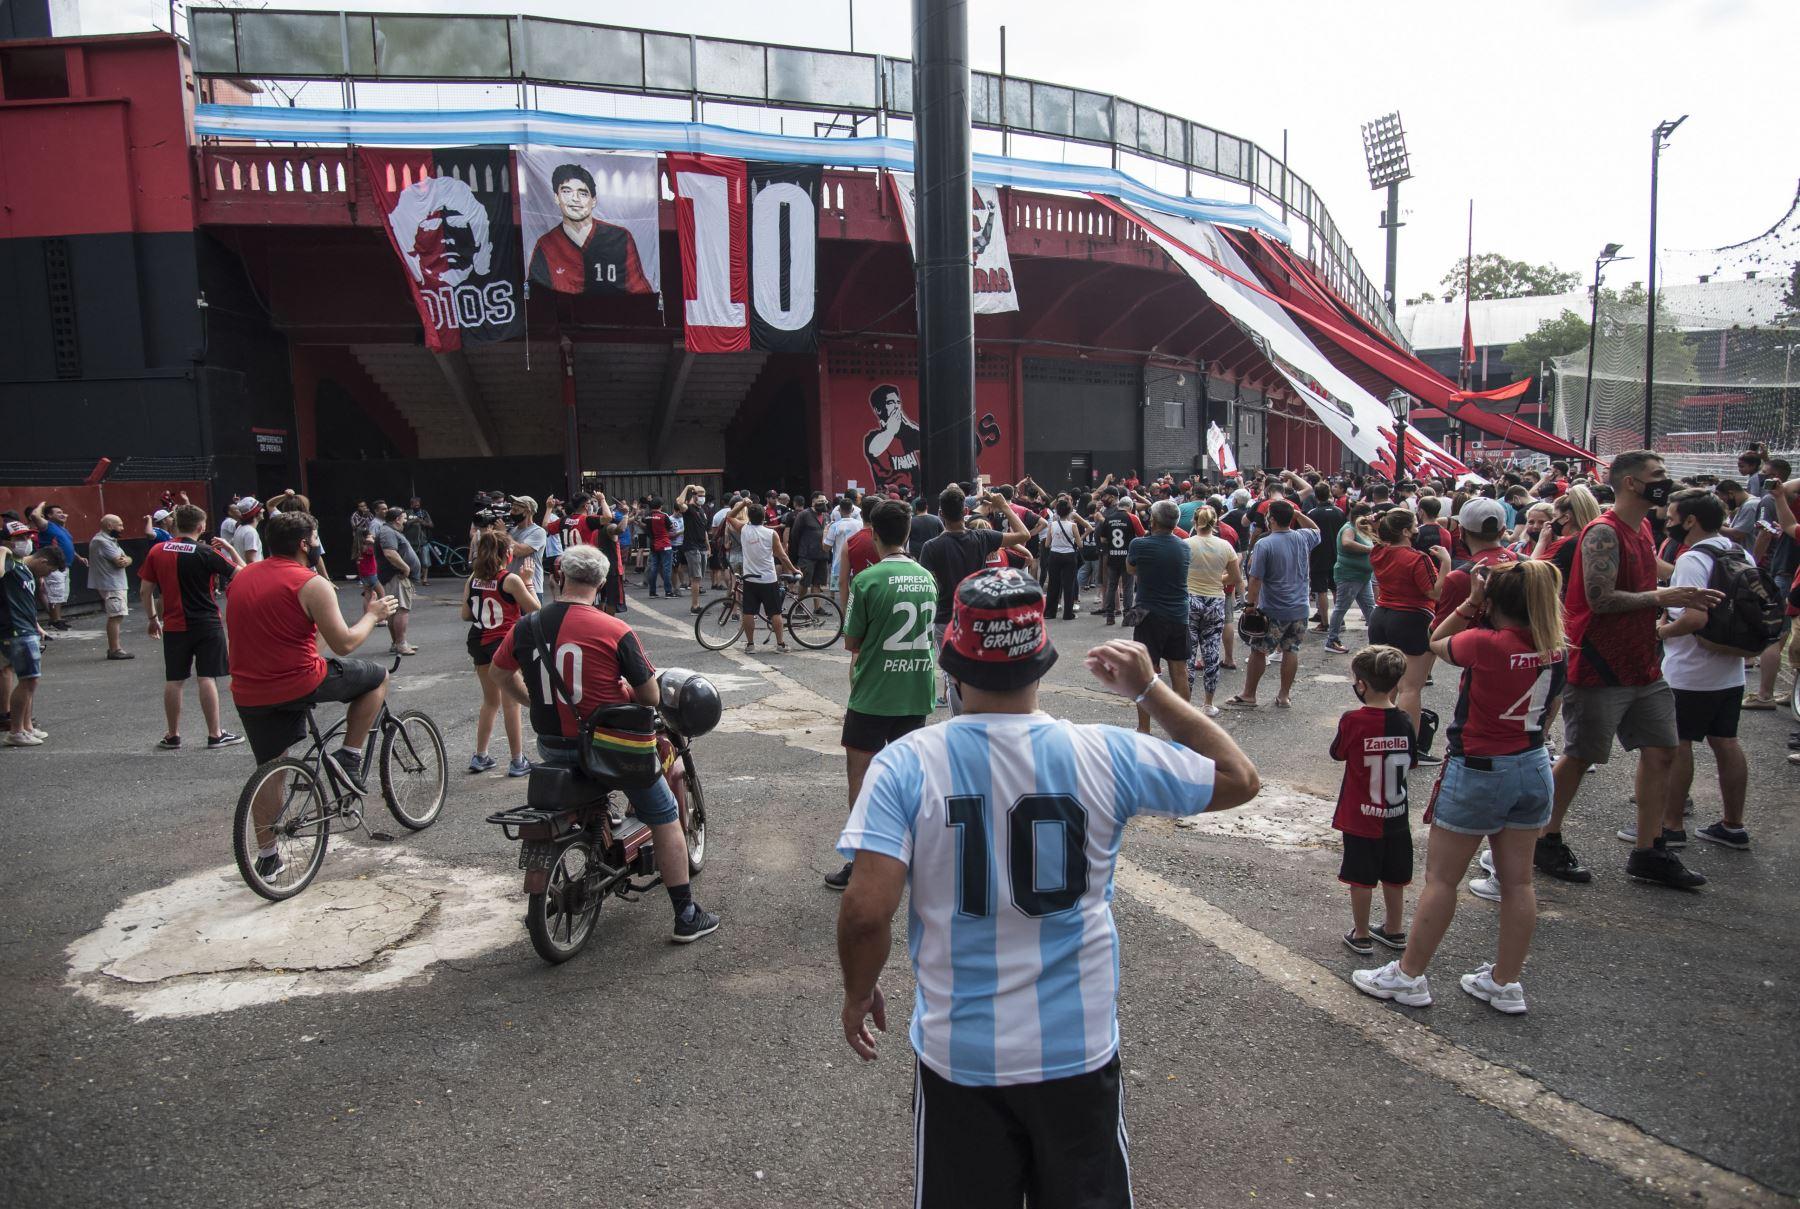 Los fanáticos del equipo de fútbol Newell